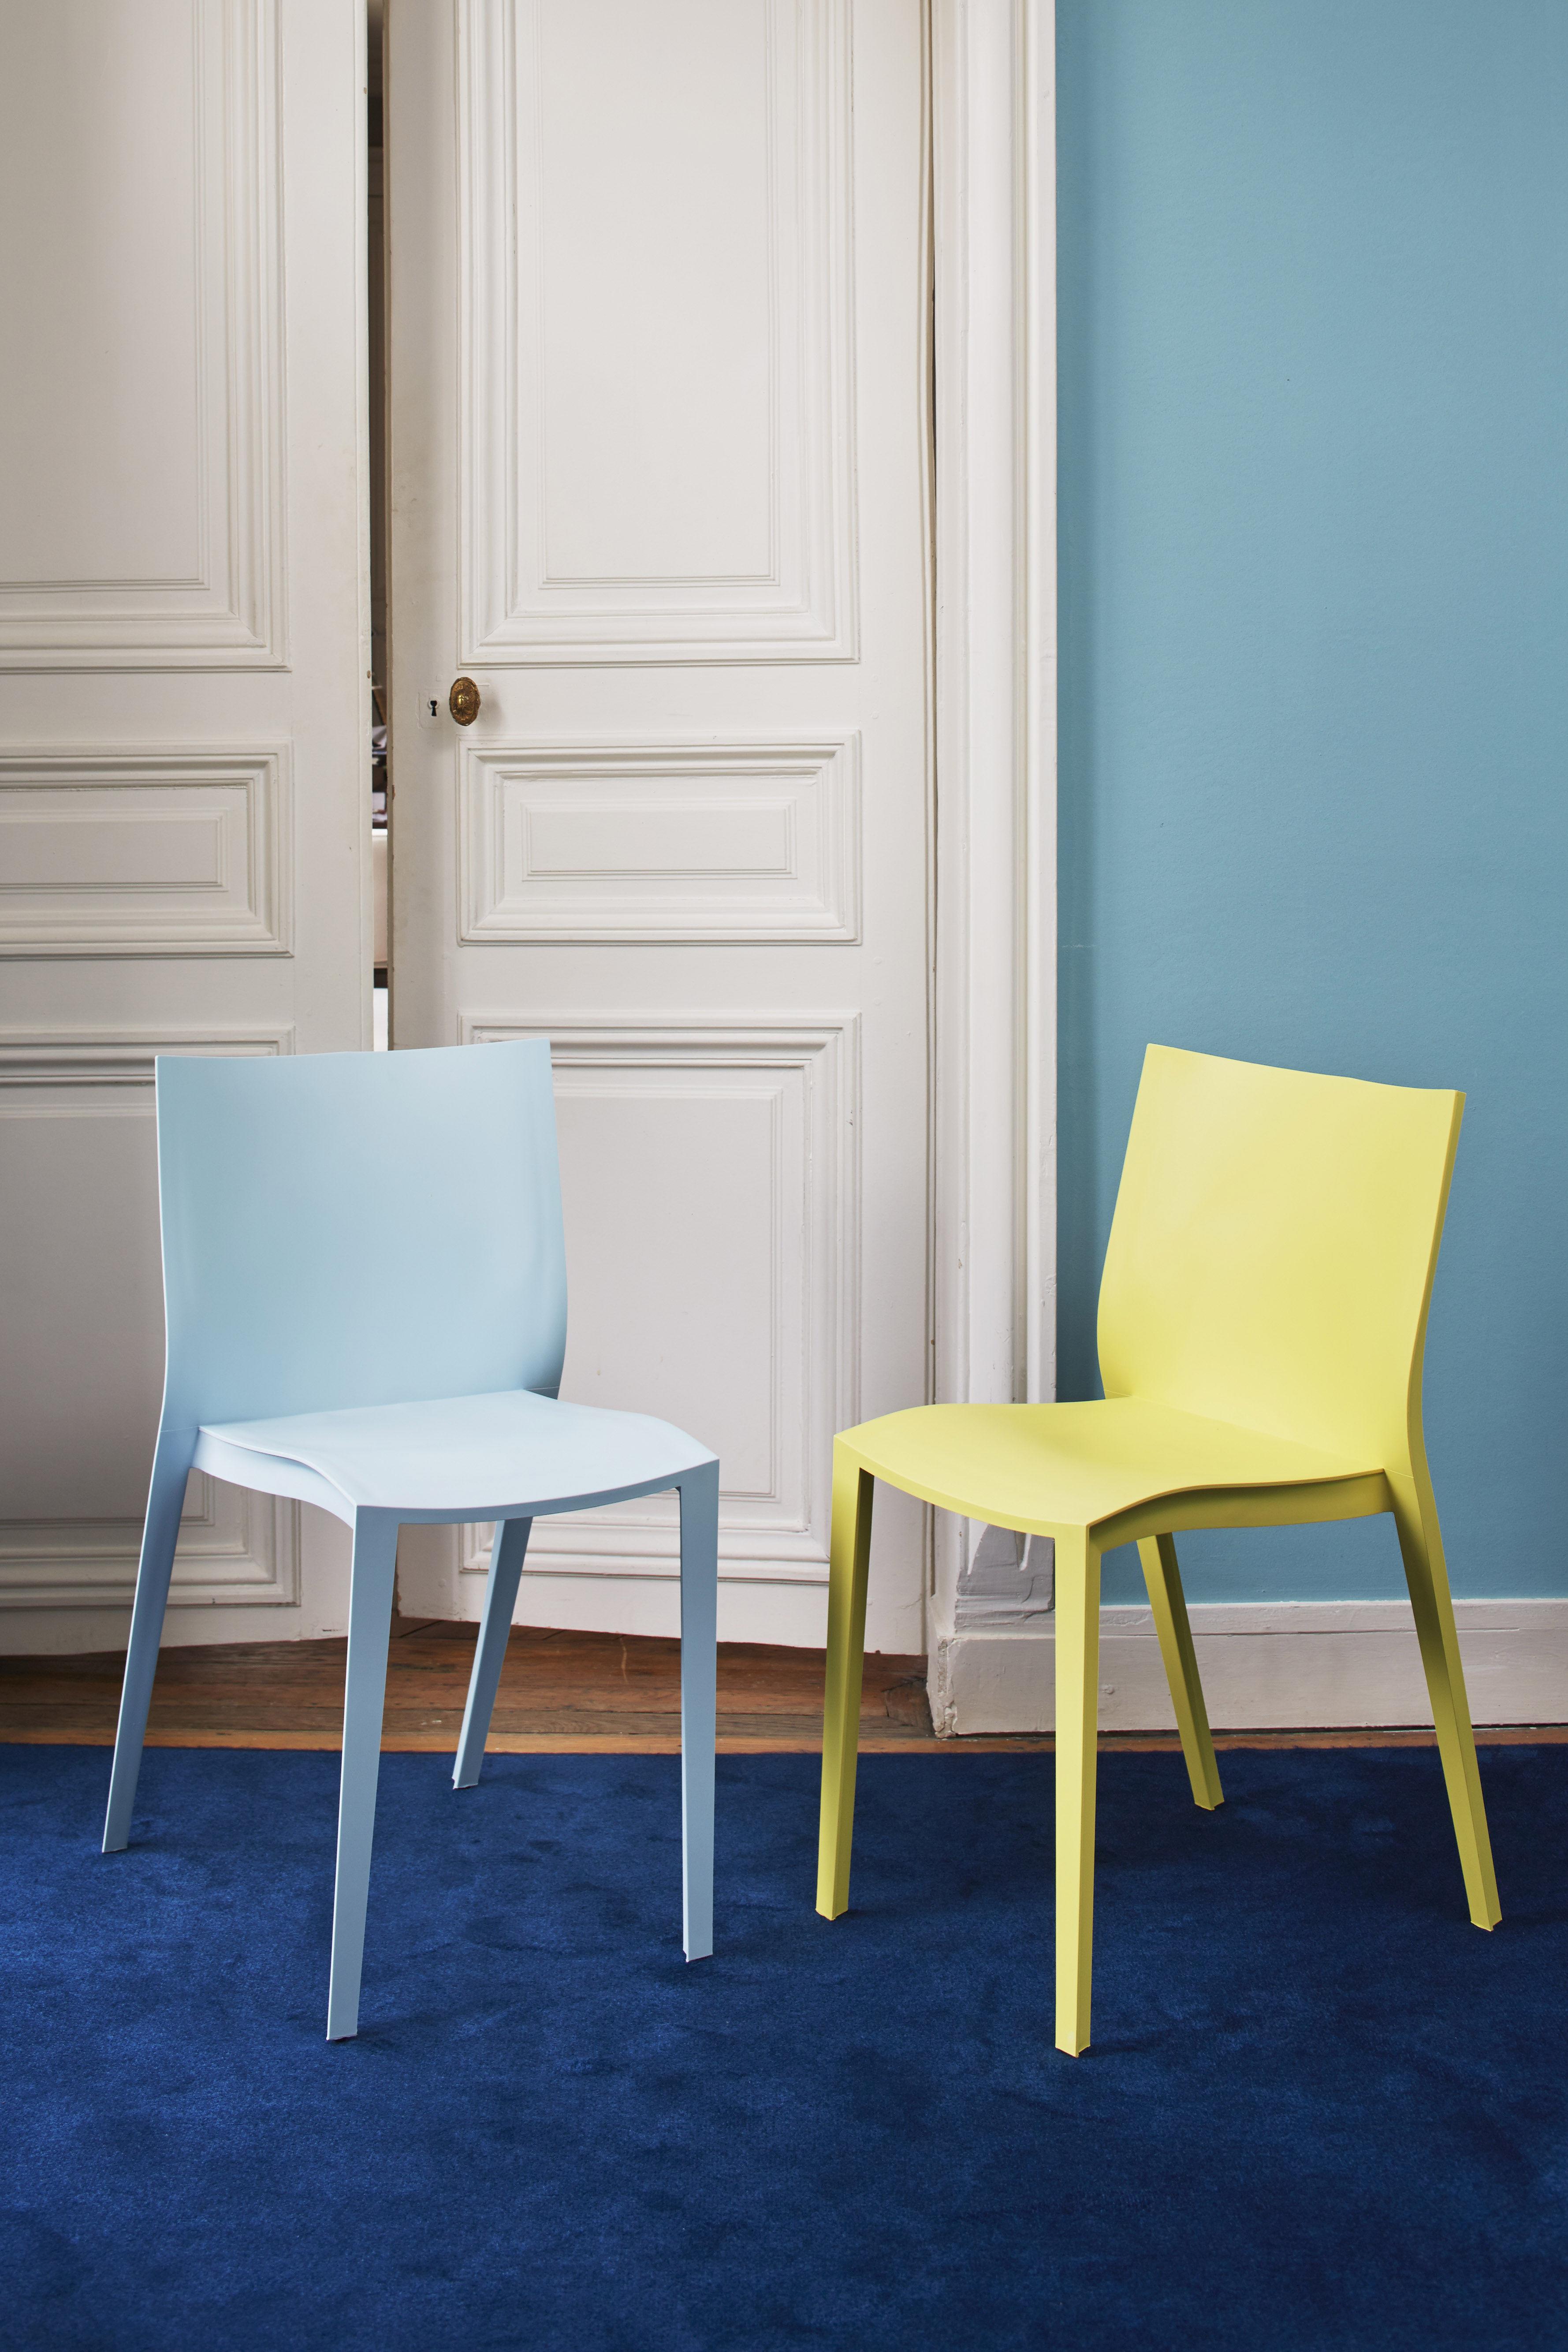 chaise slick slick starck xo empilable vert anis made in design